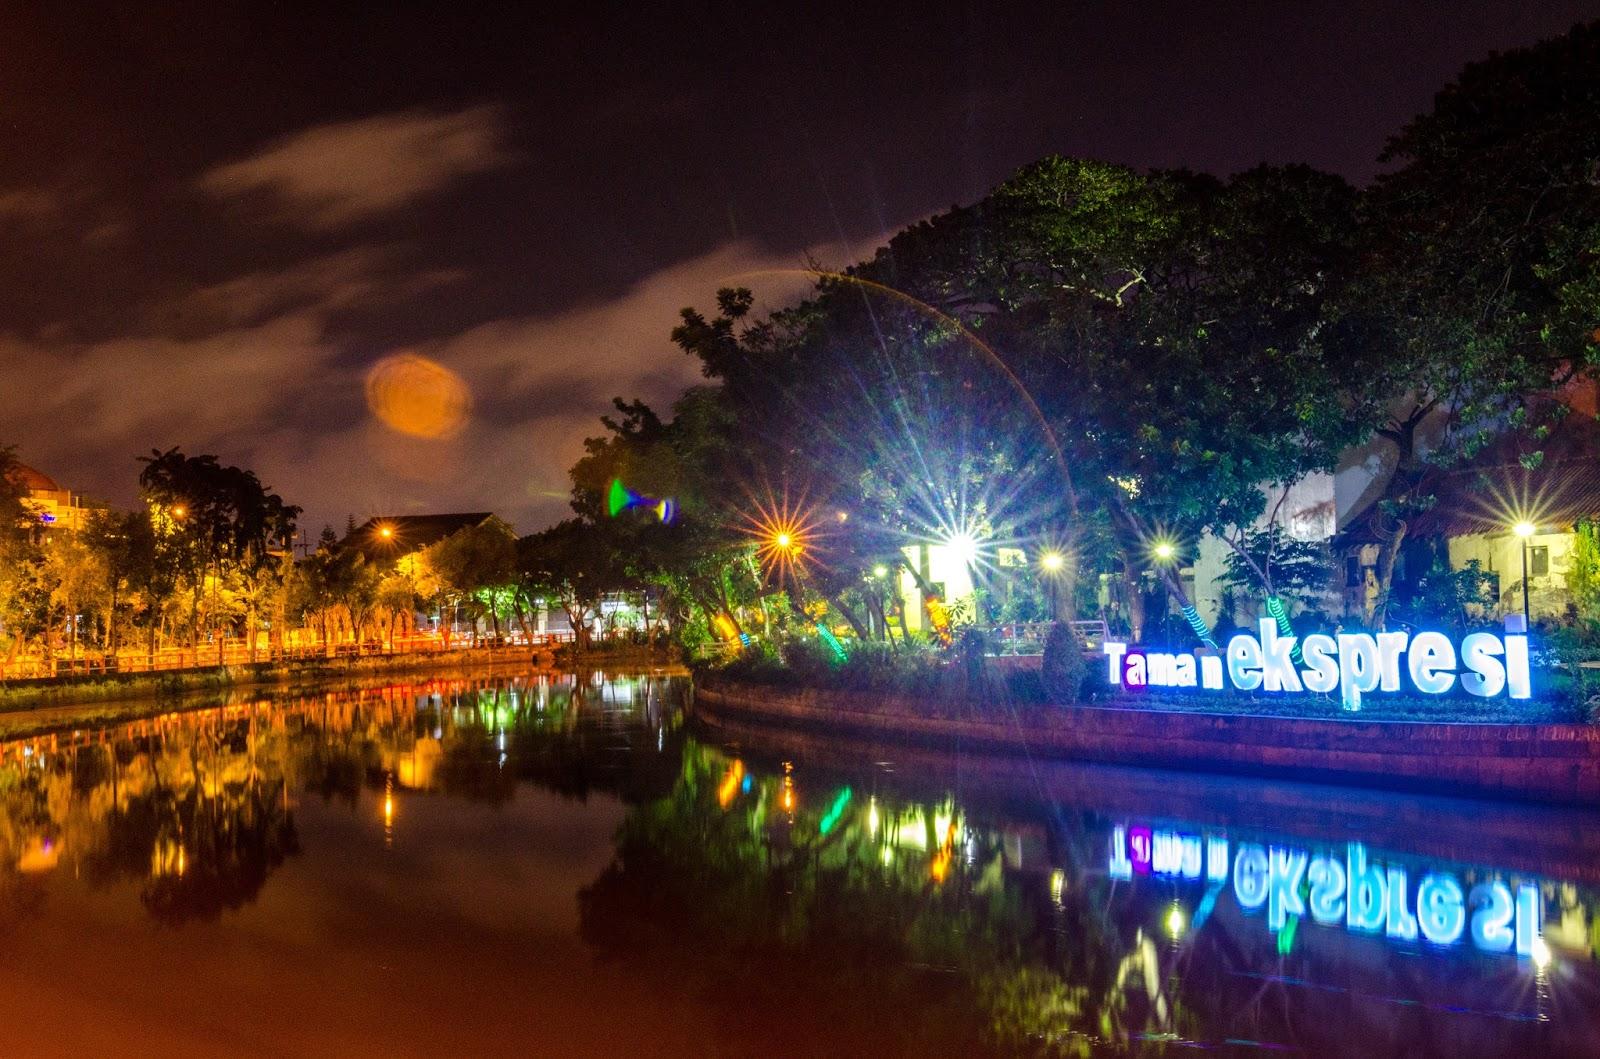 Taman Surabaya Buka Pagi Hari Tutup Malam Justru Ketika Inilah